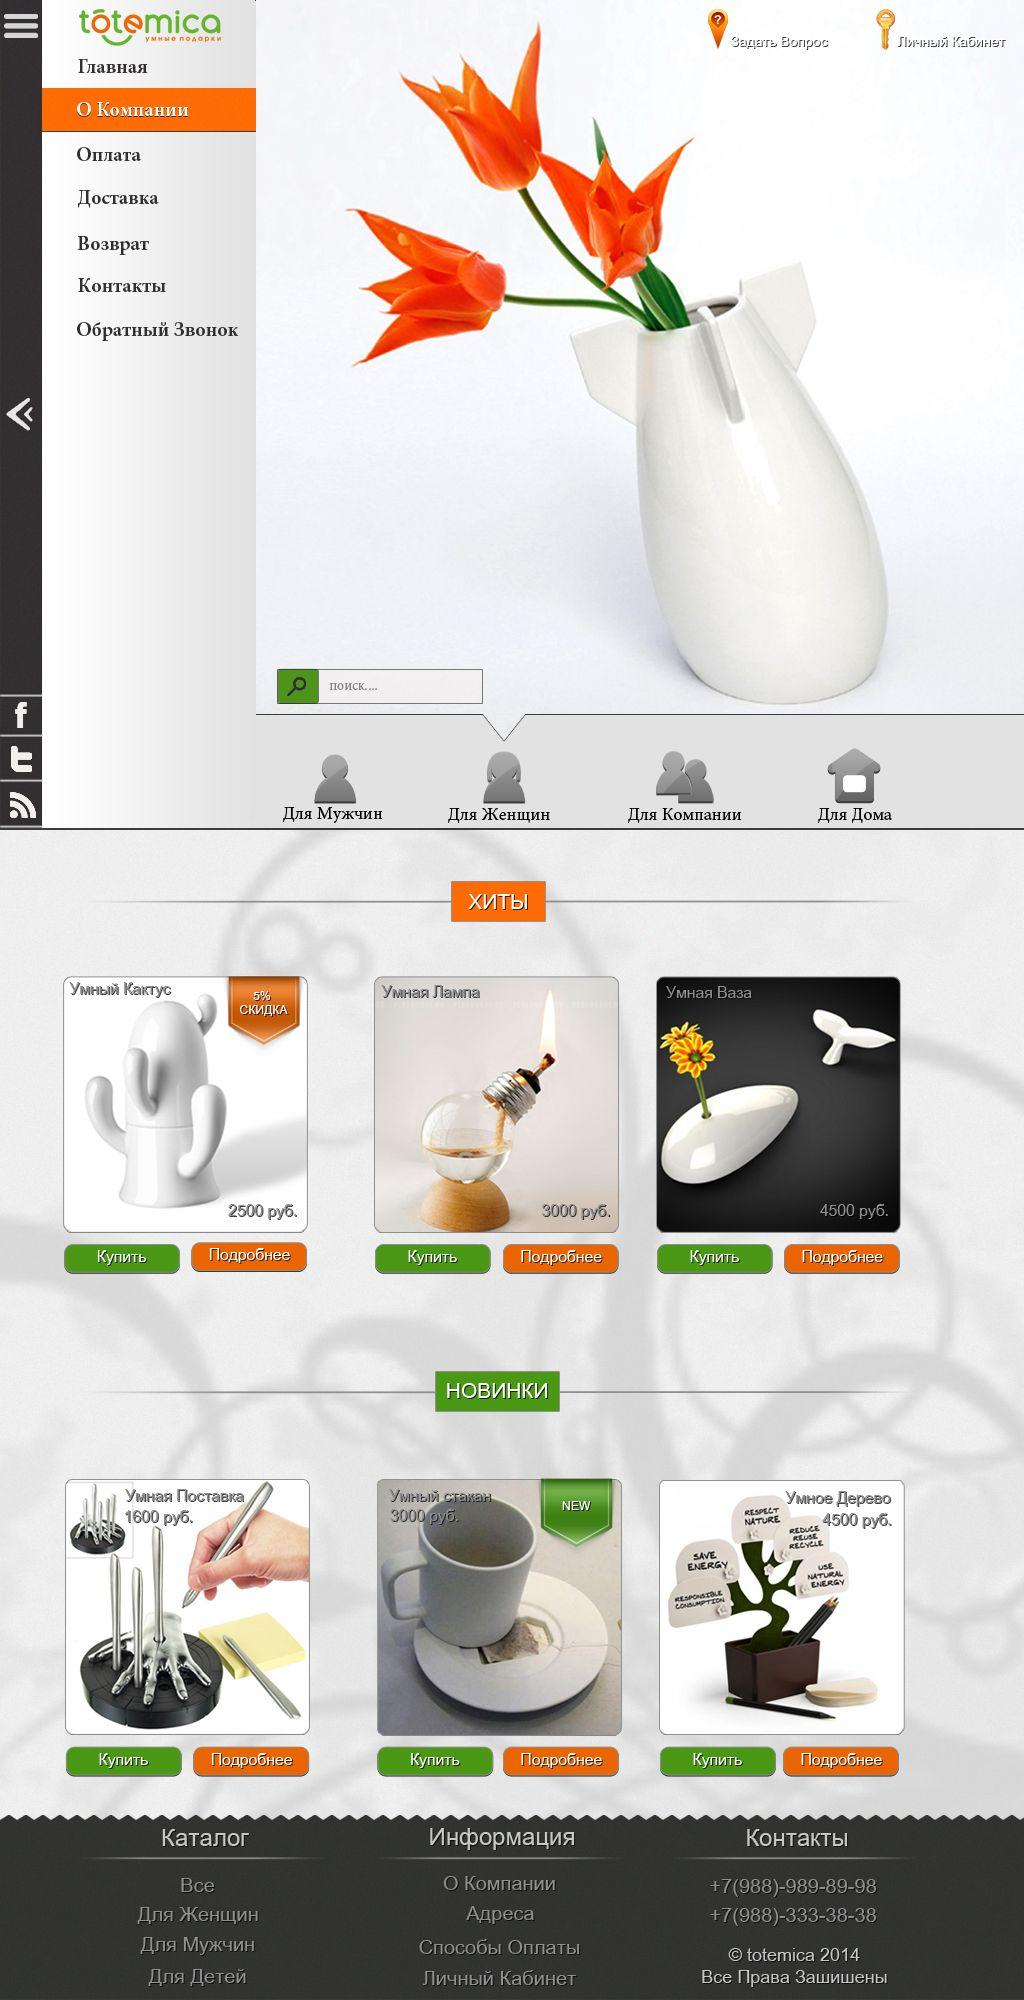 Дизайн сайта интернет магазина - дизайнер VaheMatosyan